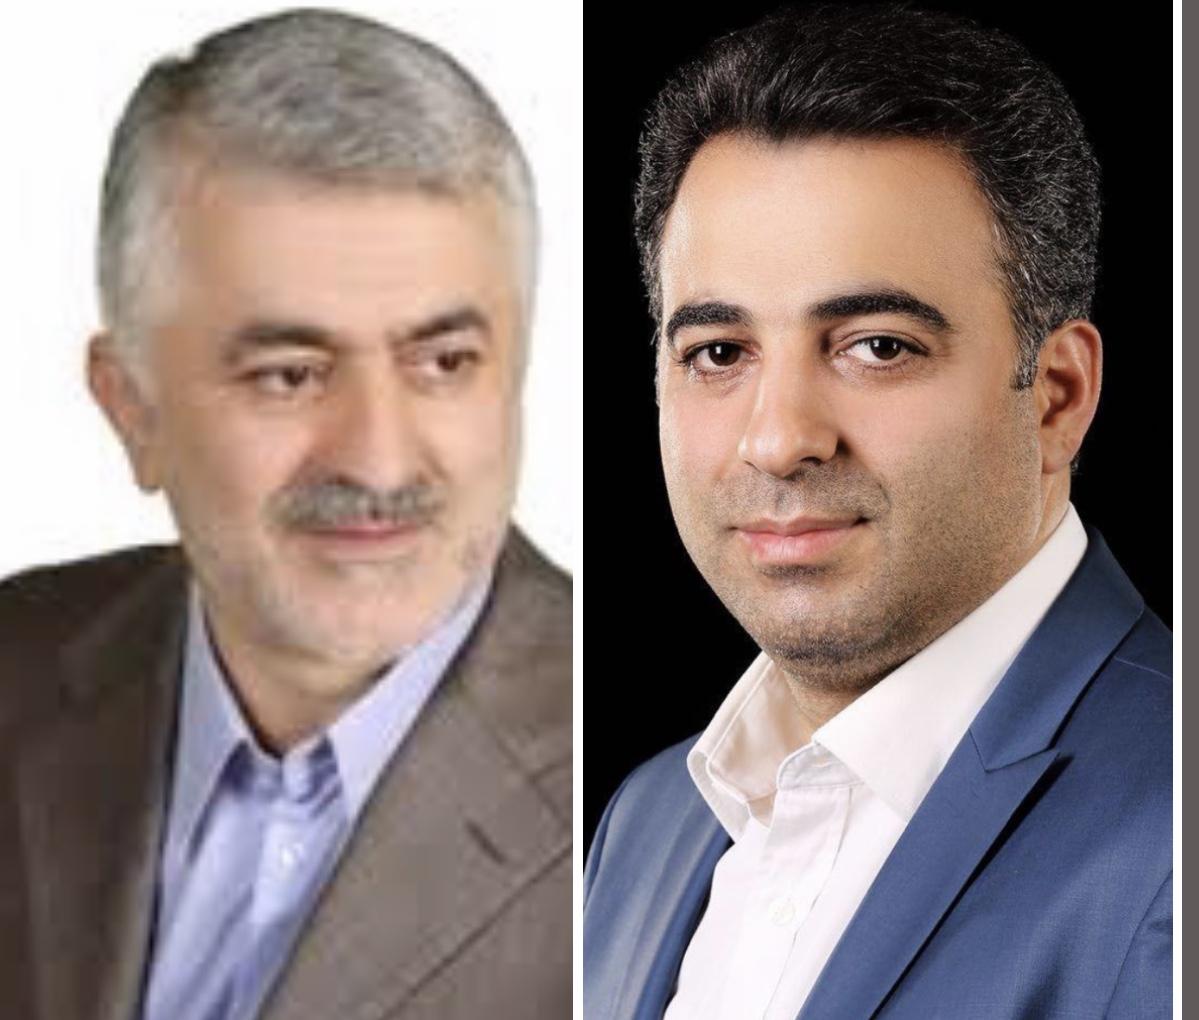 پیام تبریک به شهردار و شورای شهر رشت به جهت انتصاب مشاور اجرایی شهردار کلان شهر رشت